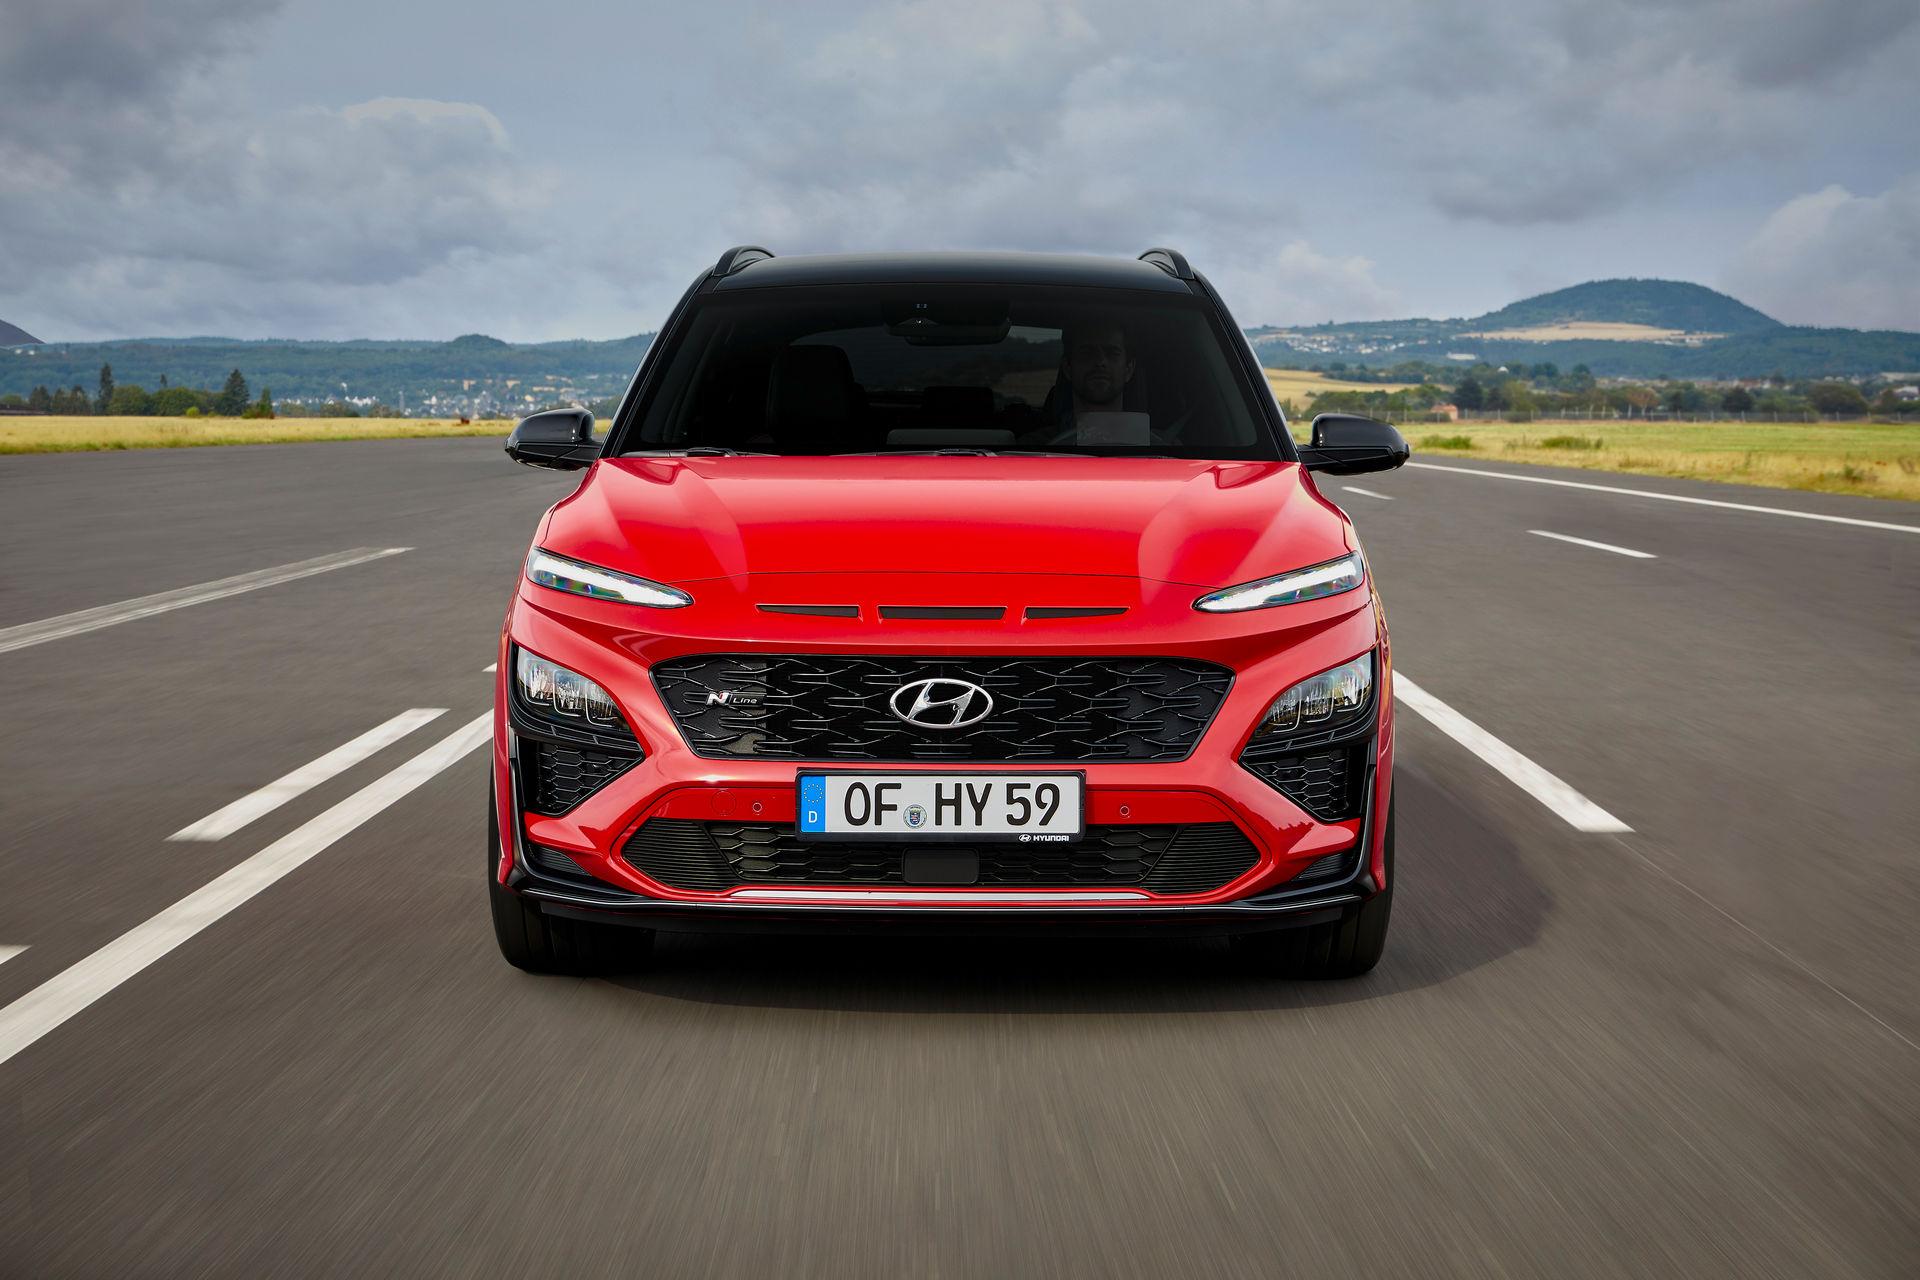 Кроссовер Hyundai Kona 2021: агрессивный дизайн и две педали на МКПП -  Автоцентр.ua